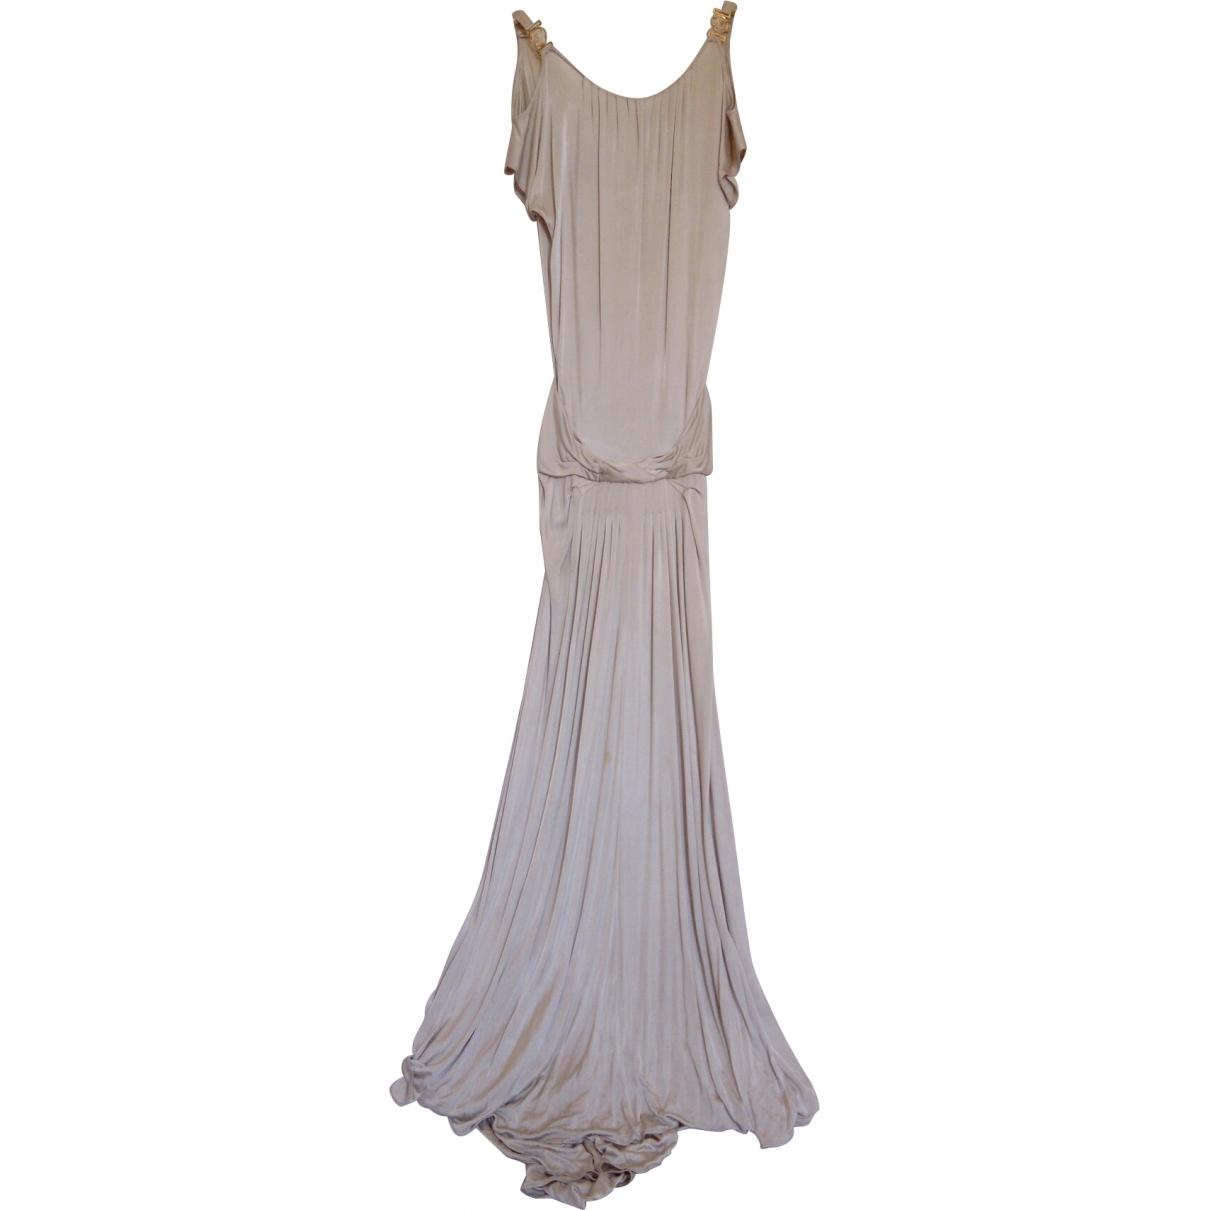 Versace \N Beige dress for Women 40 IT